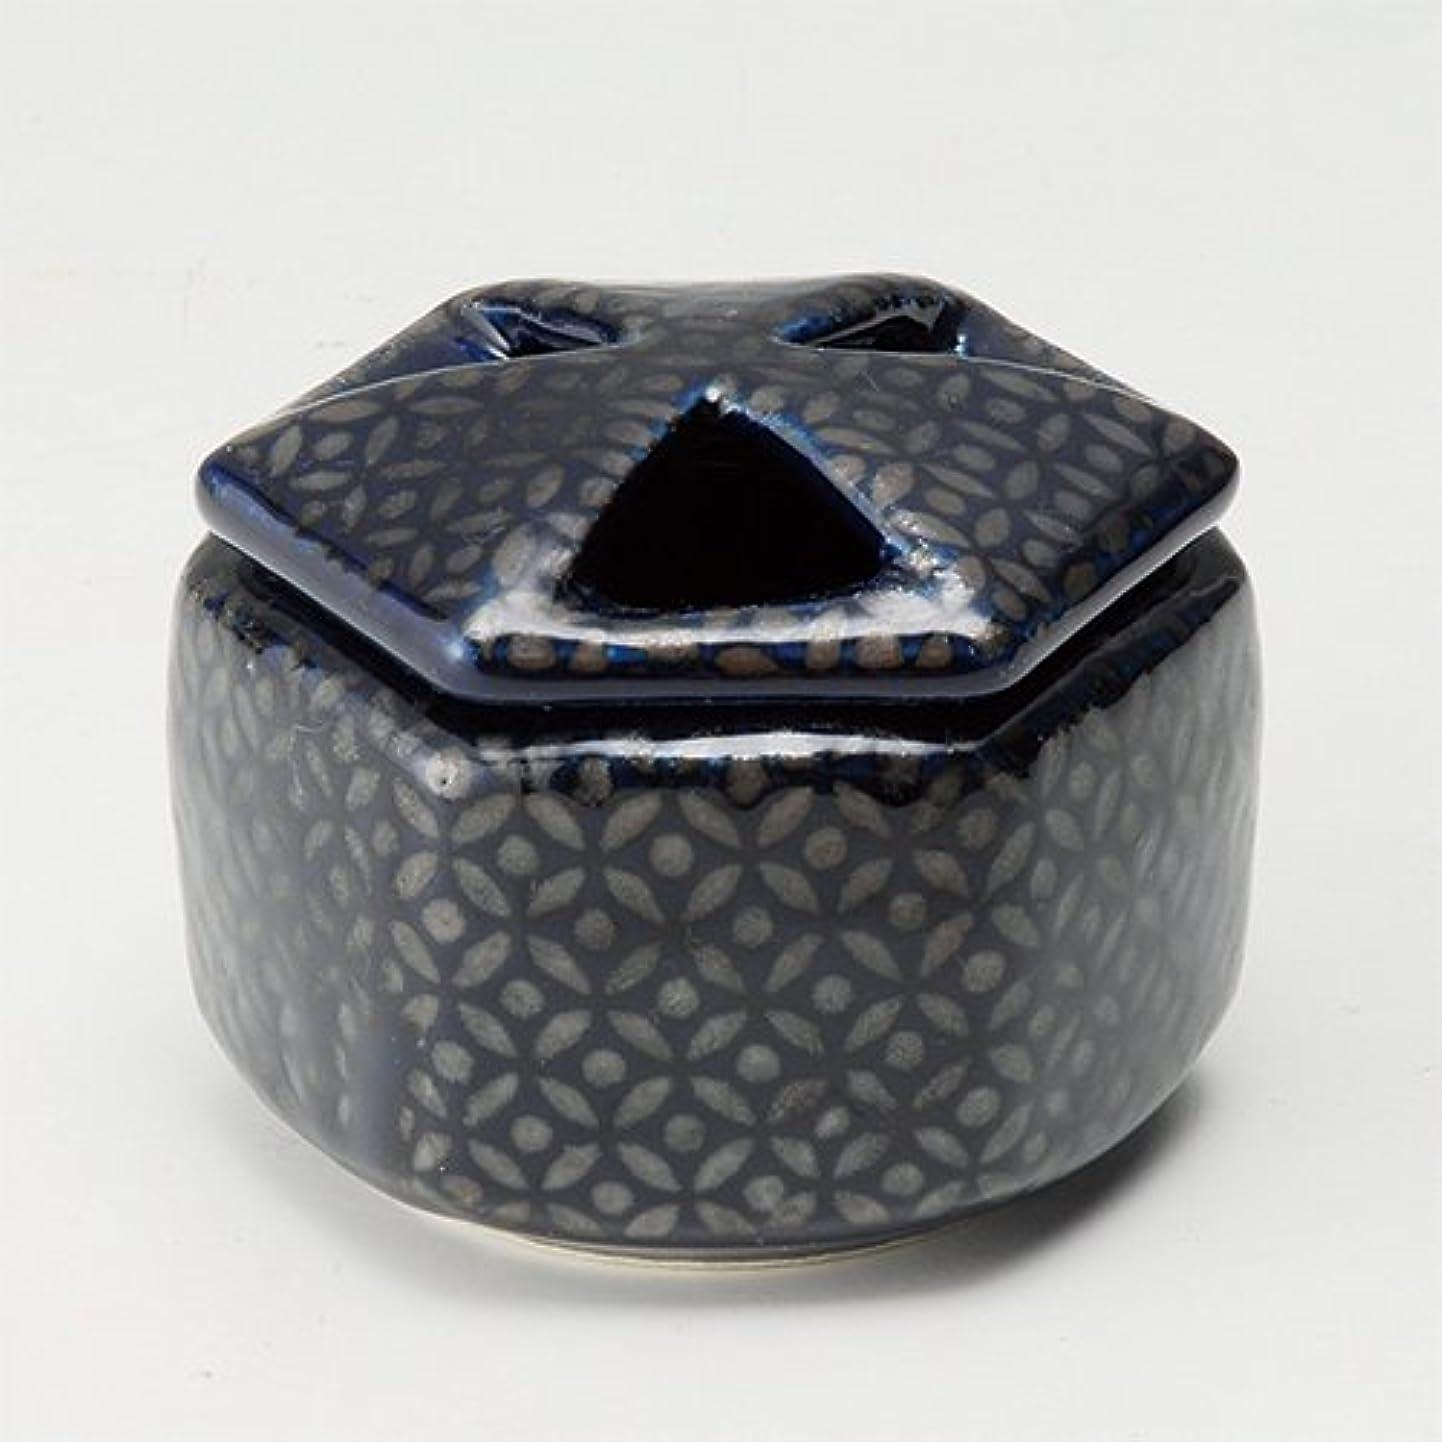 欲しいですセージ臭い香炉 瑠璃七宝 六角香炉 [R8.8xH6.5cm] プレゼント ギフト 和食器 かわいい インテリア